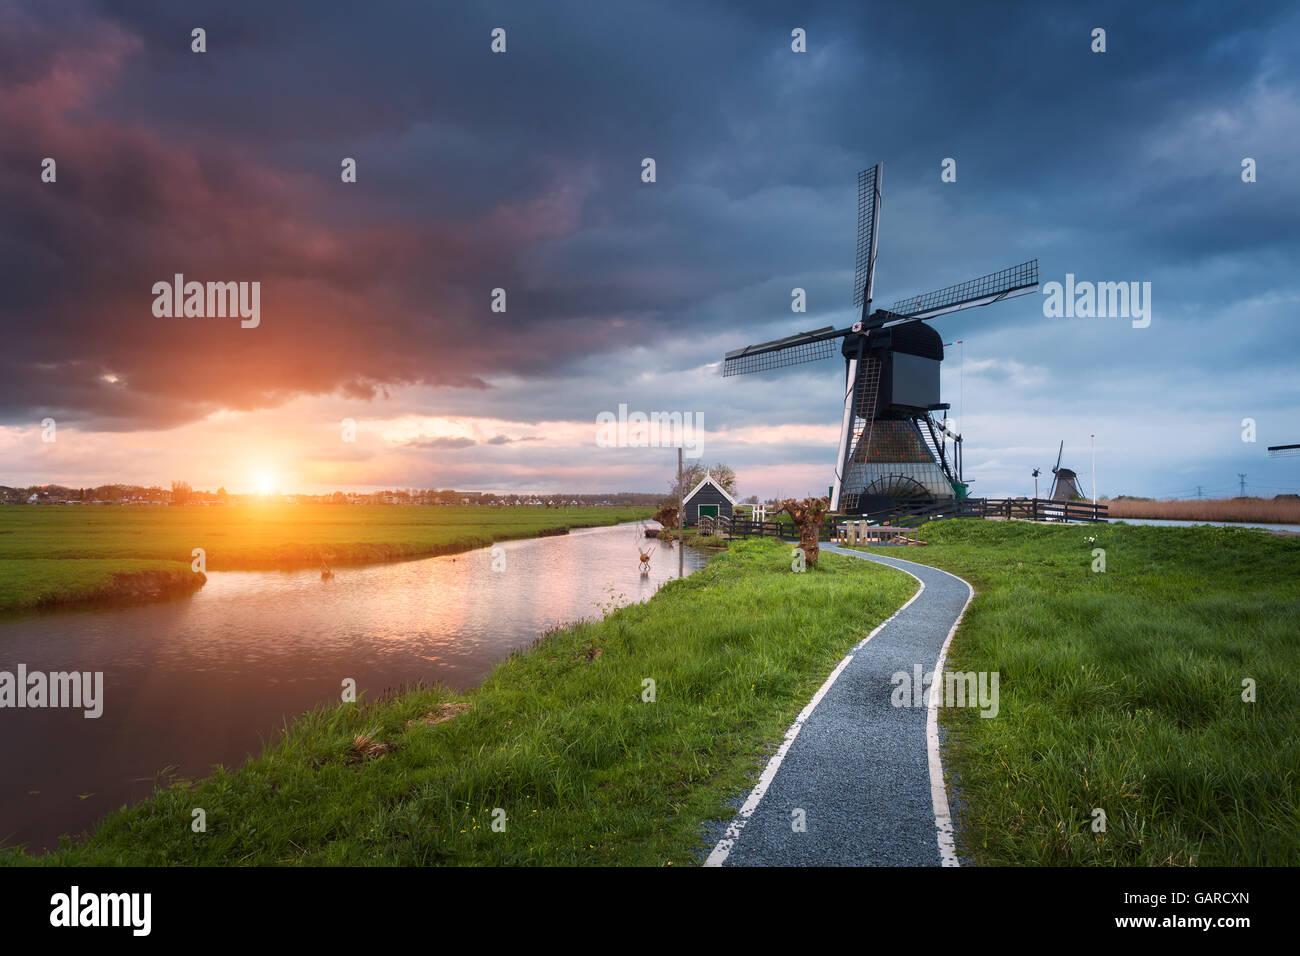 Paisaje con molinos de viento y la ruta tradicional holandés, cerca de los canales de agua. Nubes en colorido Imagen De Stock